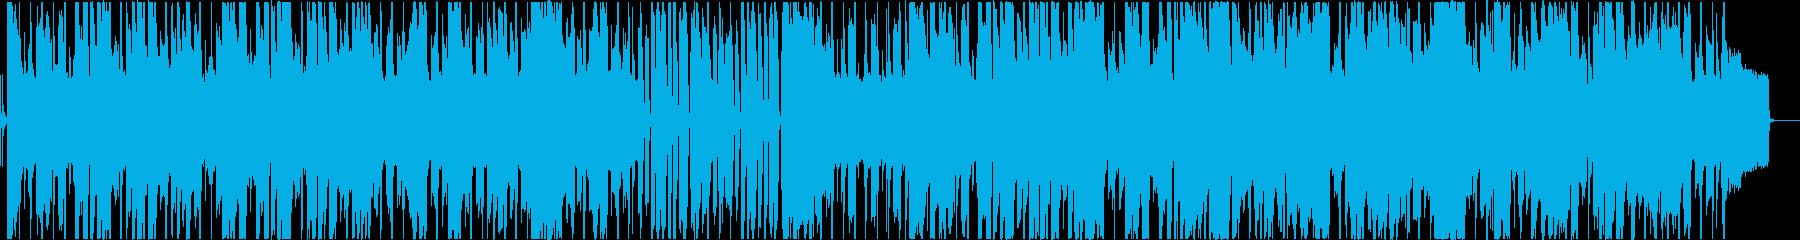 ドブロとハーモニカのアメリカンブルースの再生済みの波形